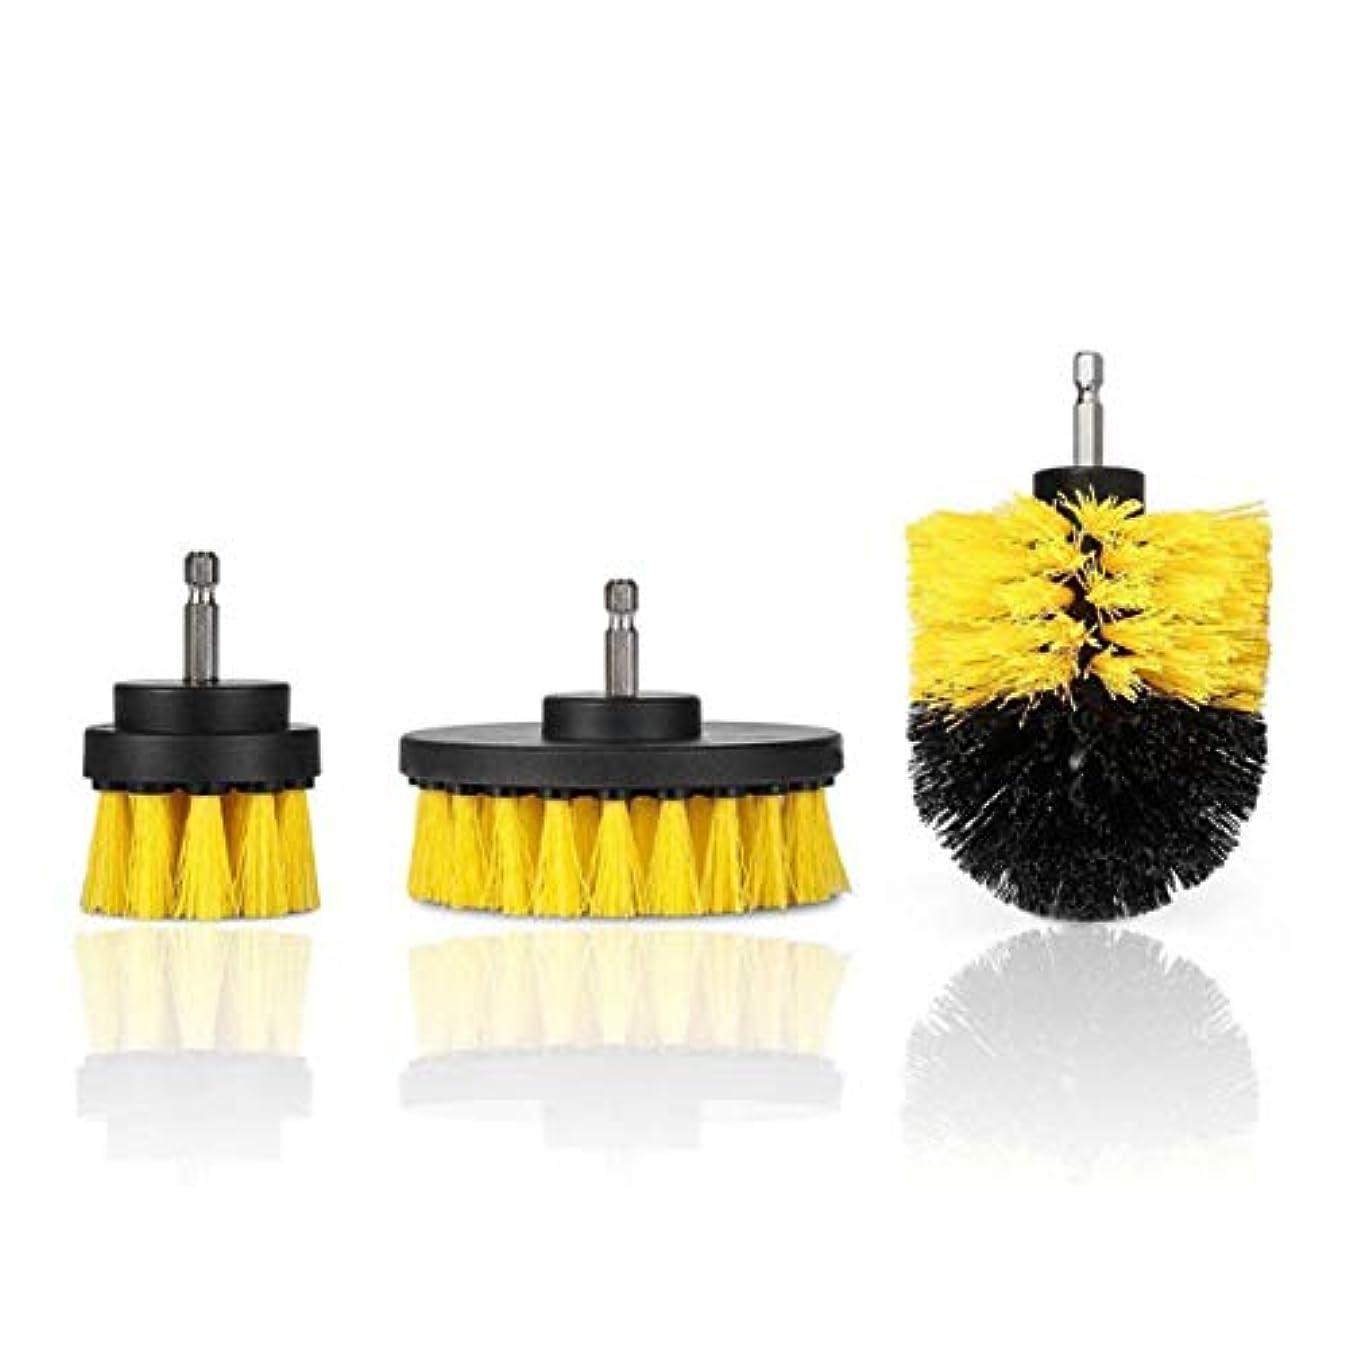 チャーミング頼る孤独Saikogoods 3枚/セット 2 / 3.5 / 4インチ 多機能 Electrodrillクリーニングブラシ タイルグラウトパワースクラバー クリーニングドリルブラシ 浴槽クリーナー 黄